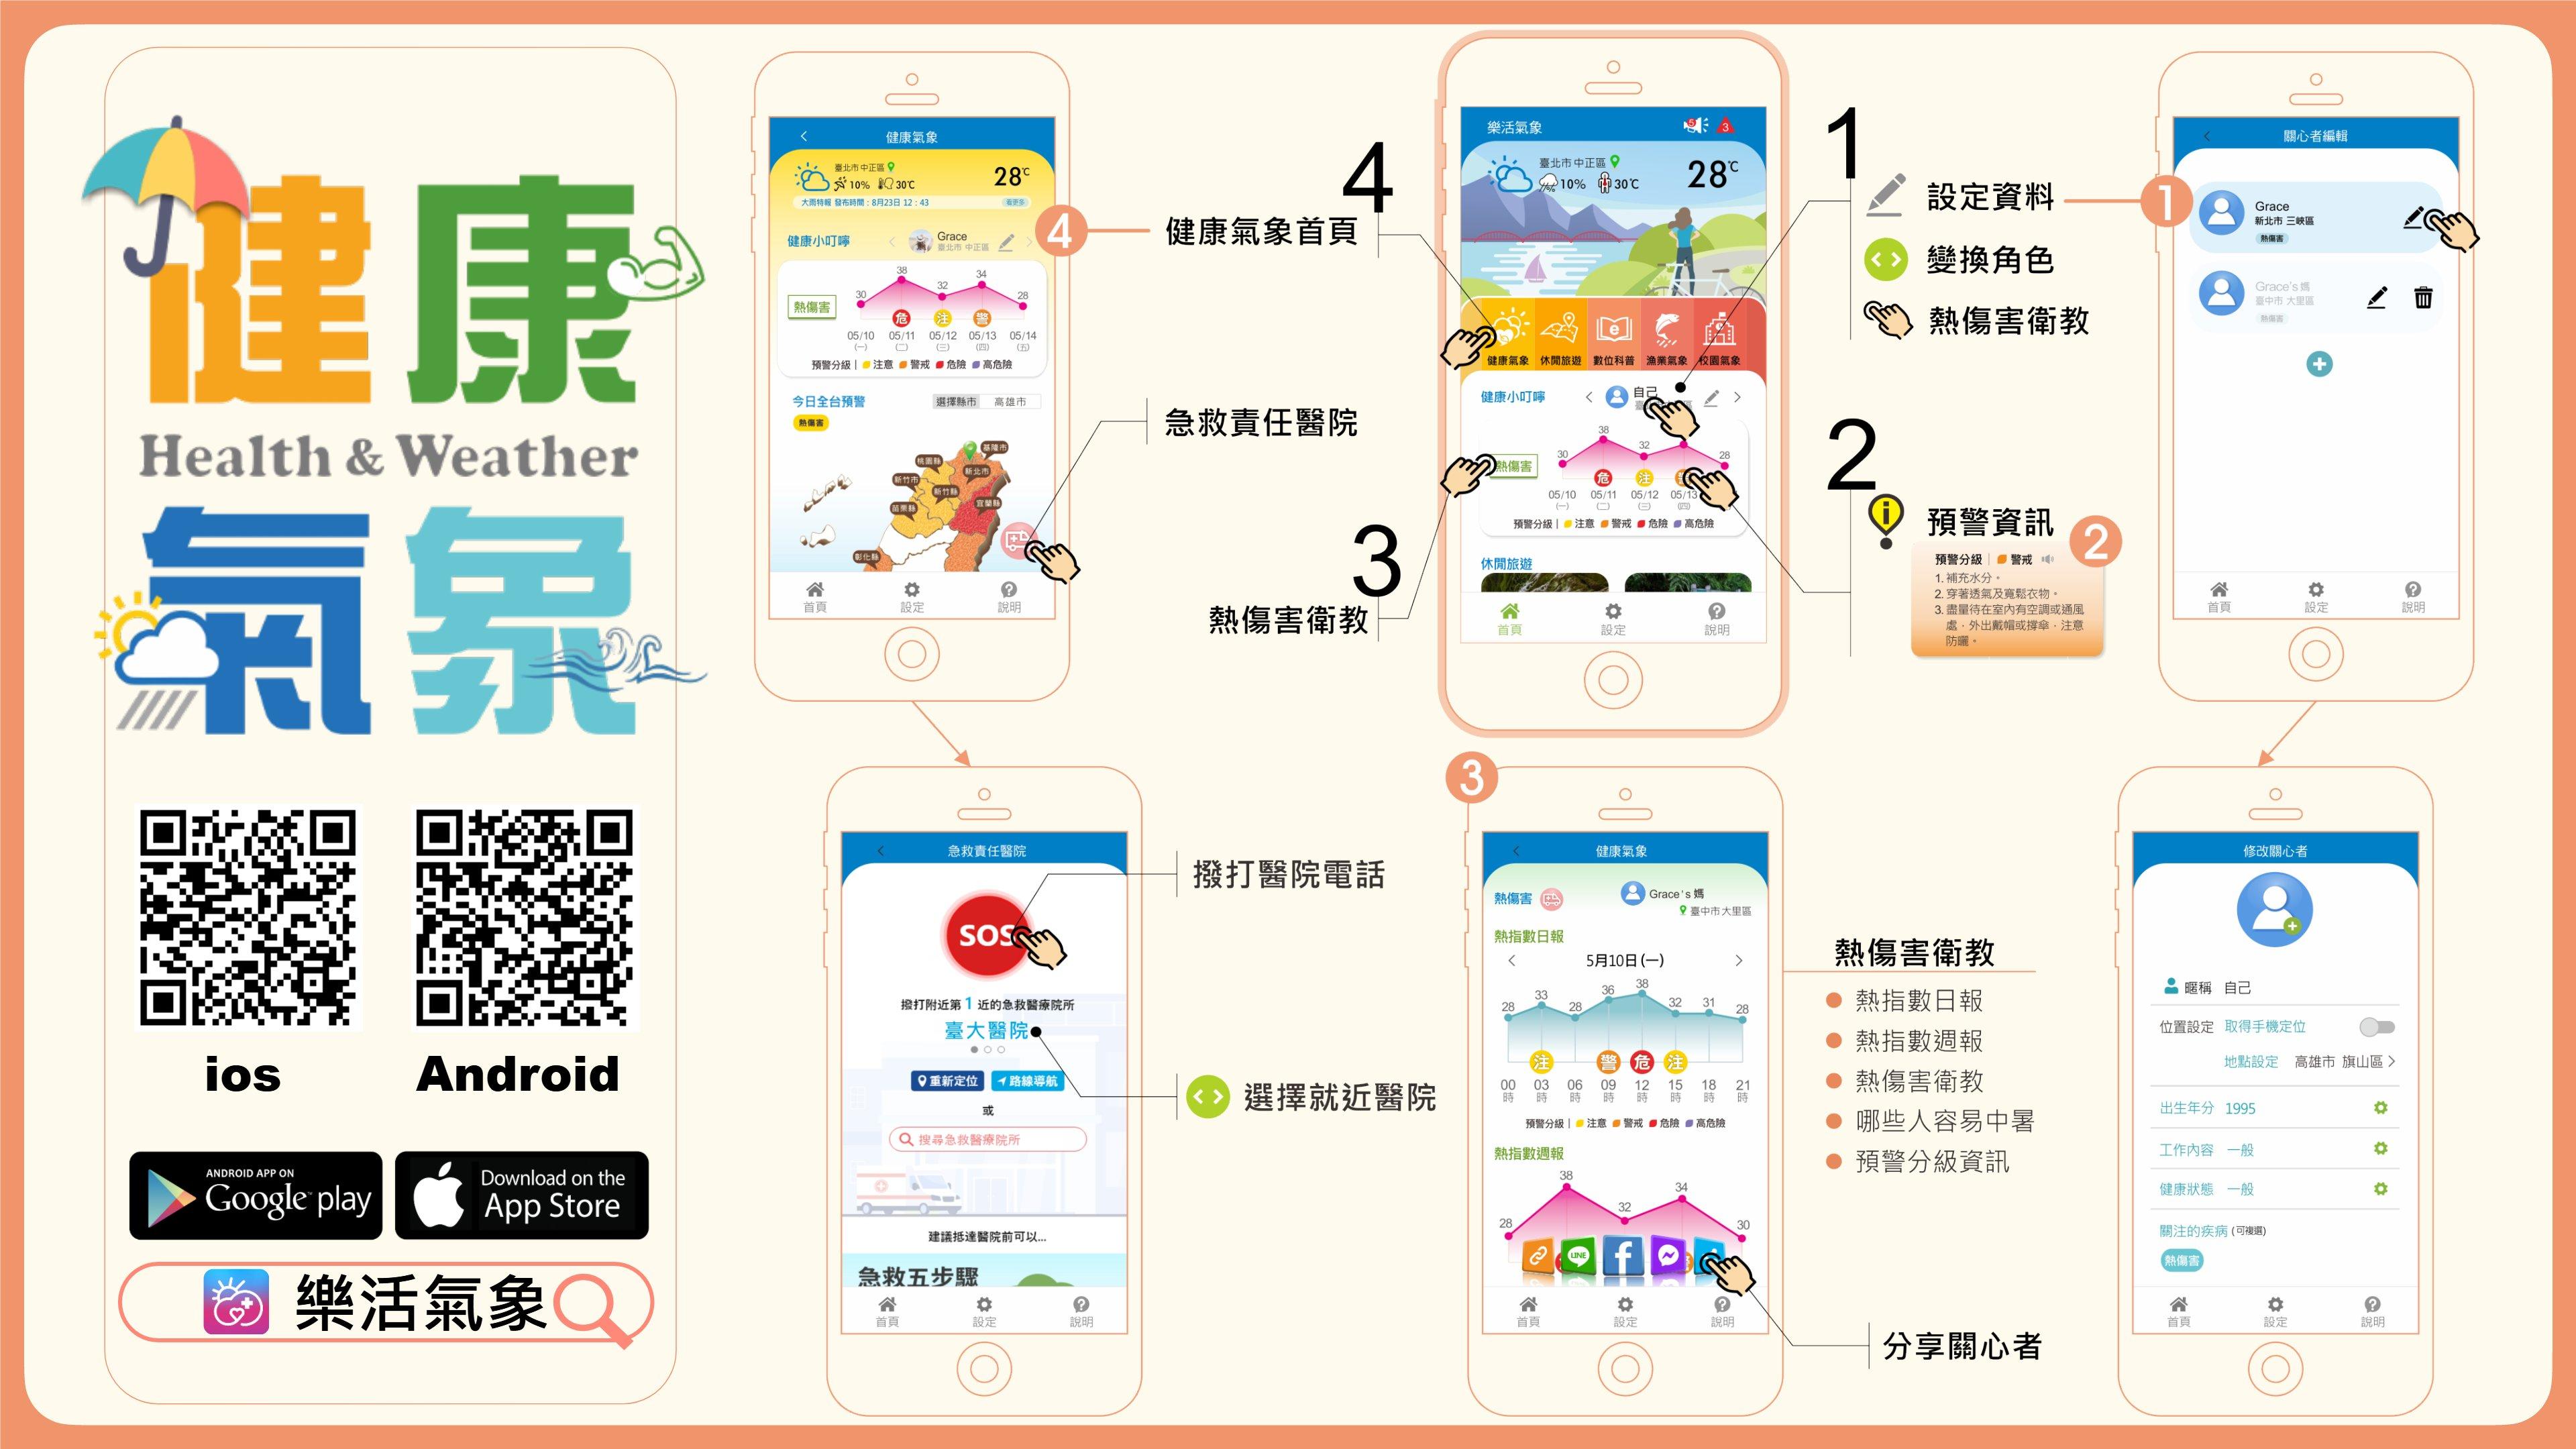 樂活氣象app